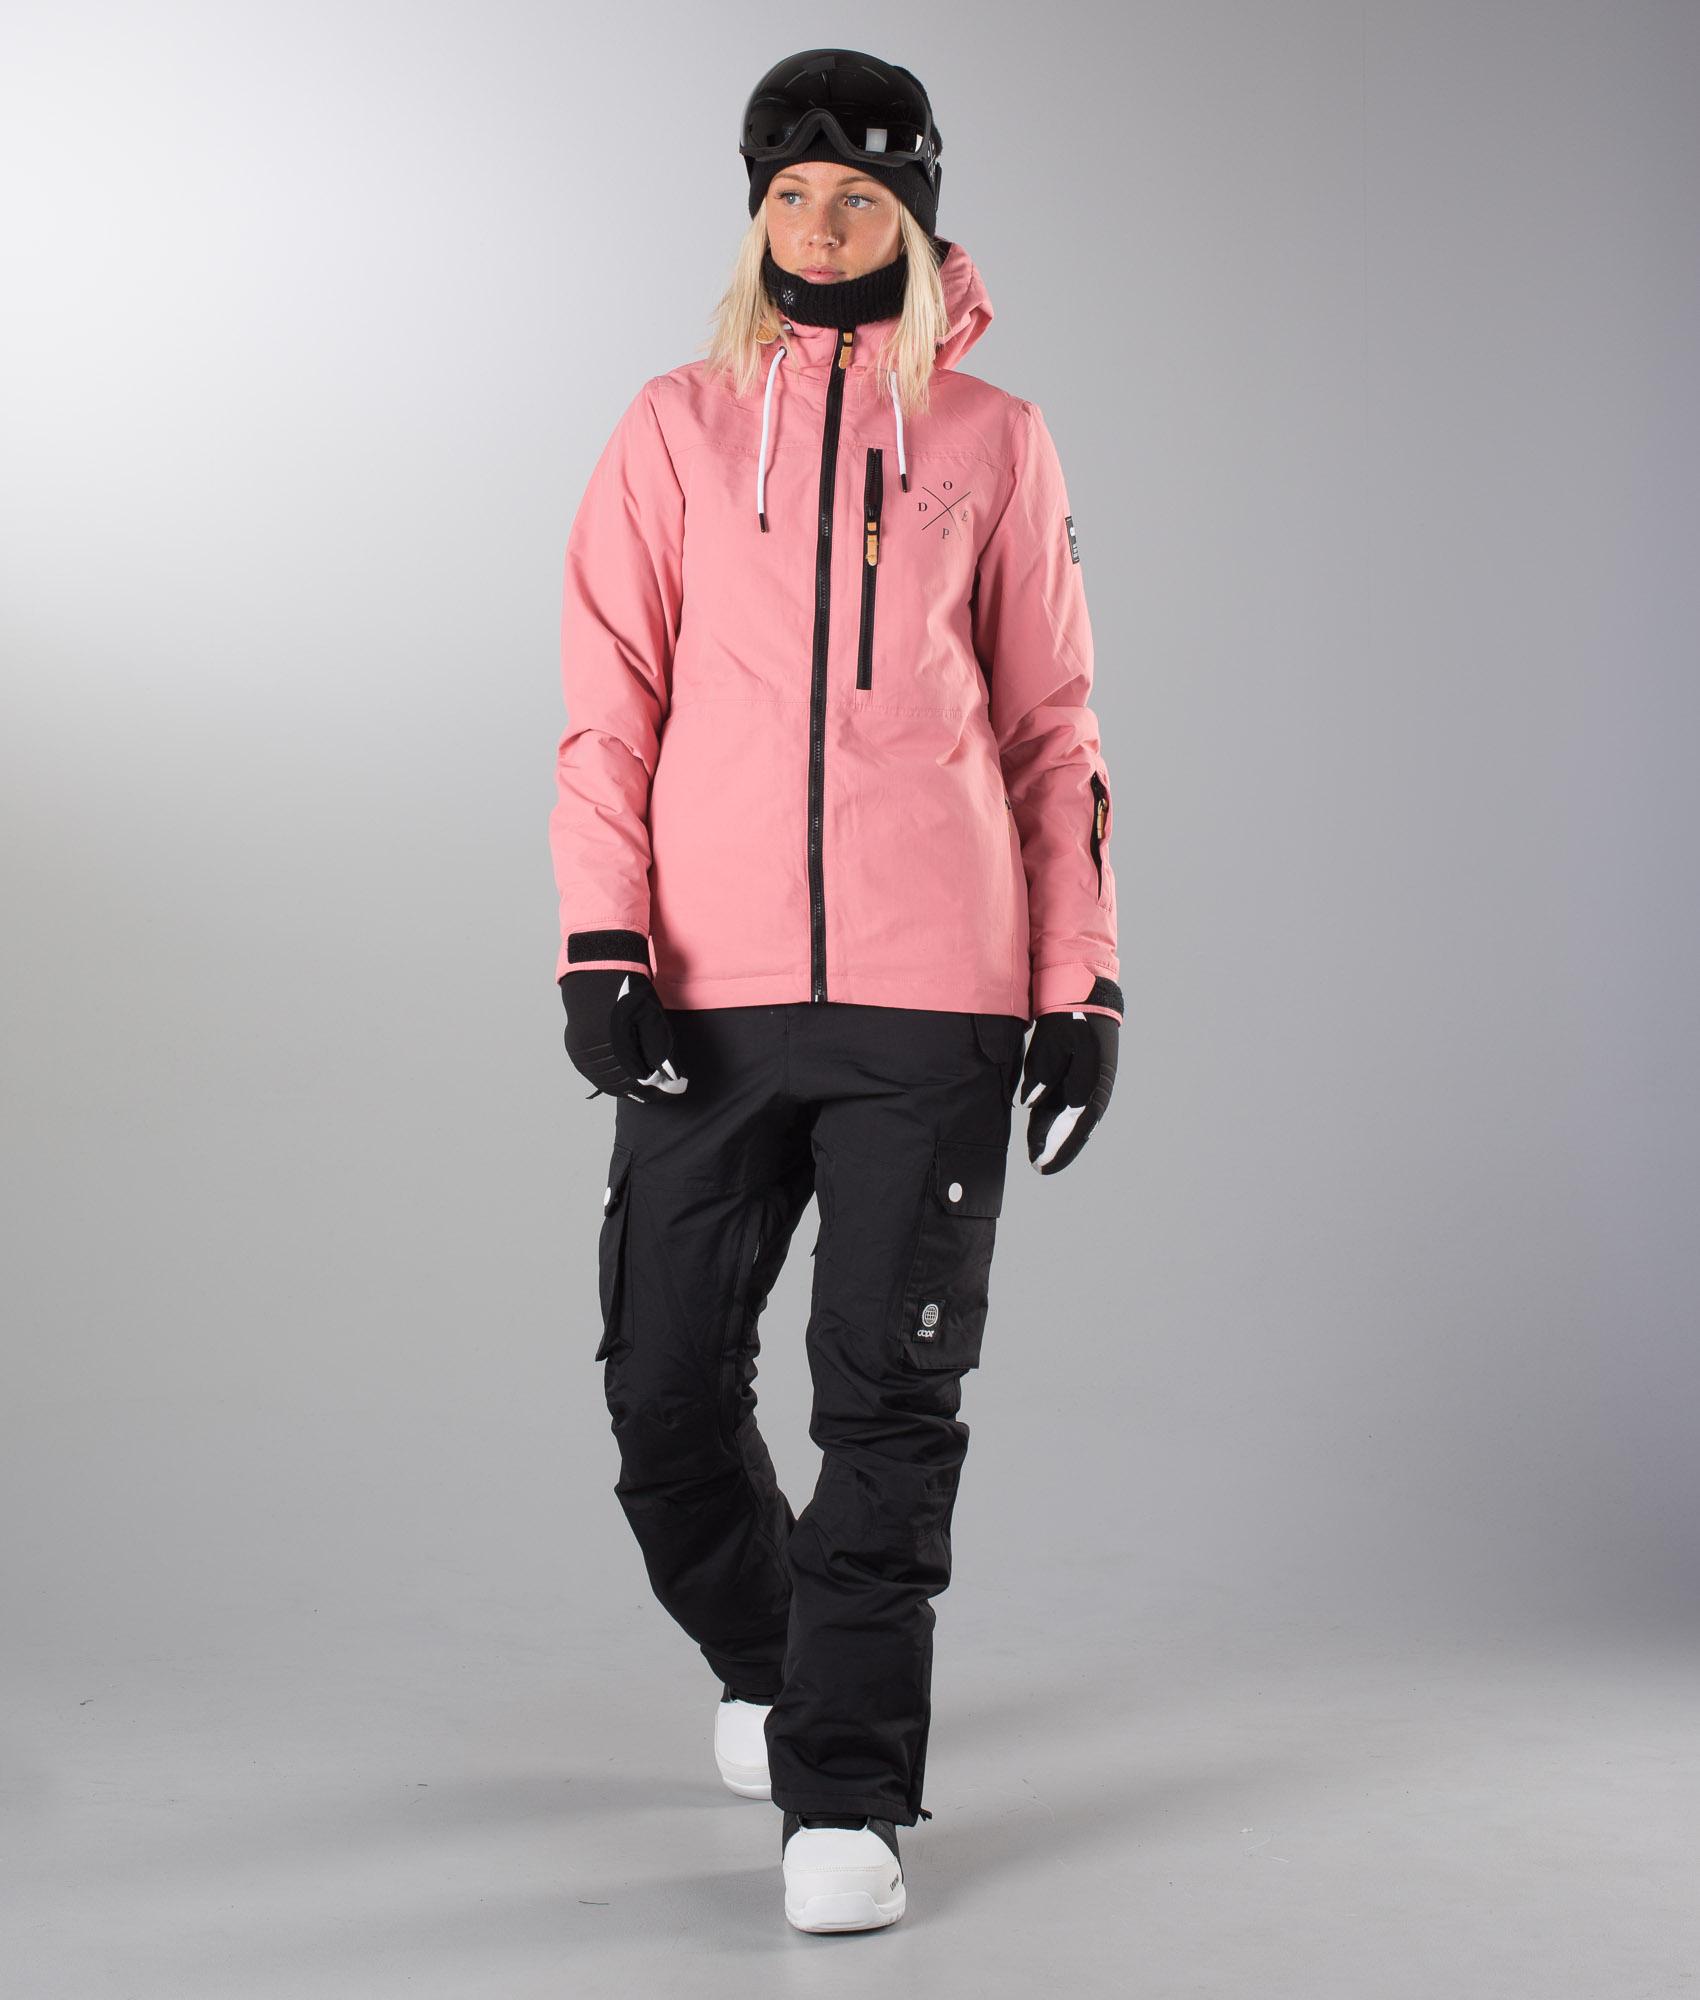 Dope De Snowboard T77rw Veste Pink Chez Divine YWH29IED